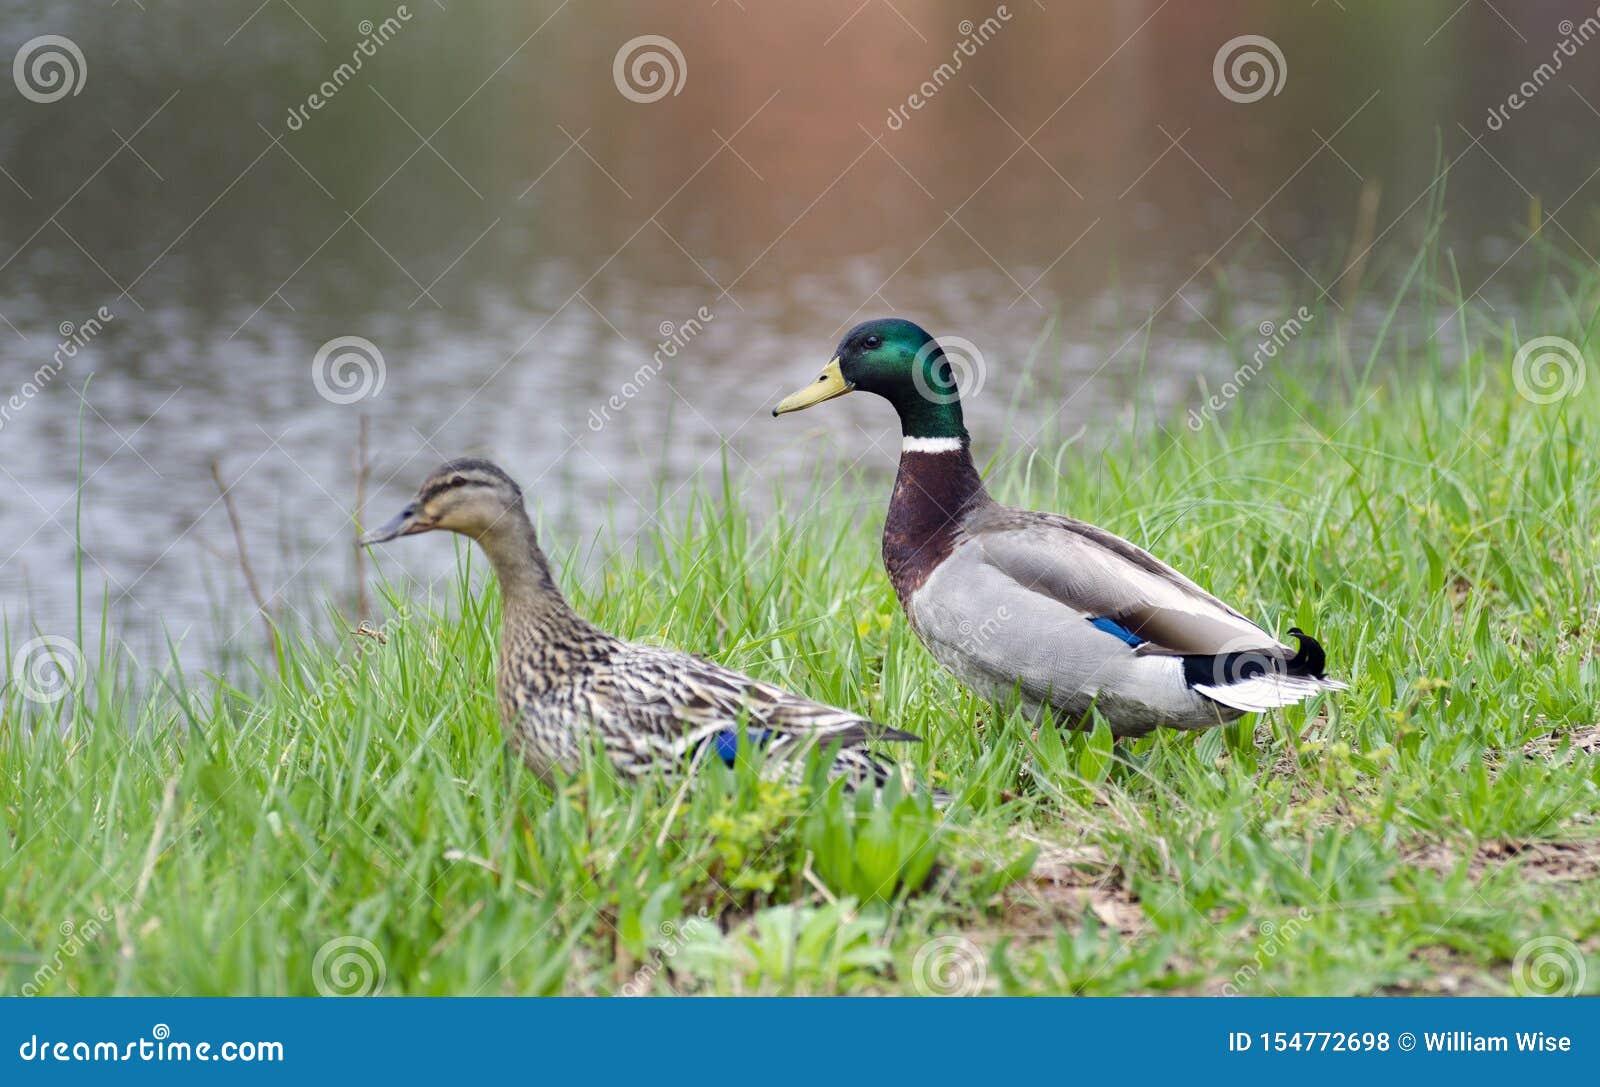 Pato Macho Y Gallina Del Pato Del Pato Silvestre En La Hierba Por Una Pequeña Charca Foto De Archivo Imagen De Pequeña Hierba 154772698